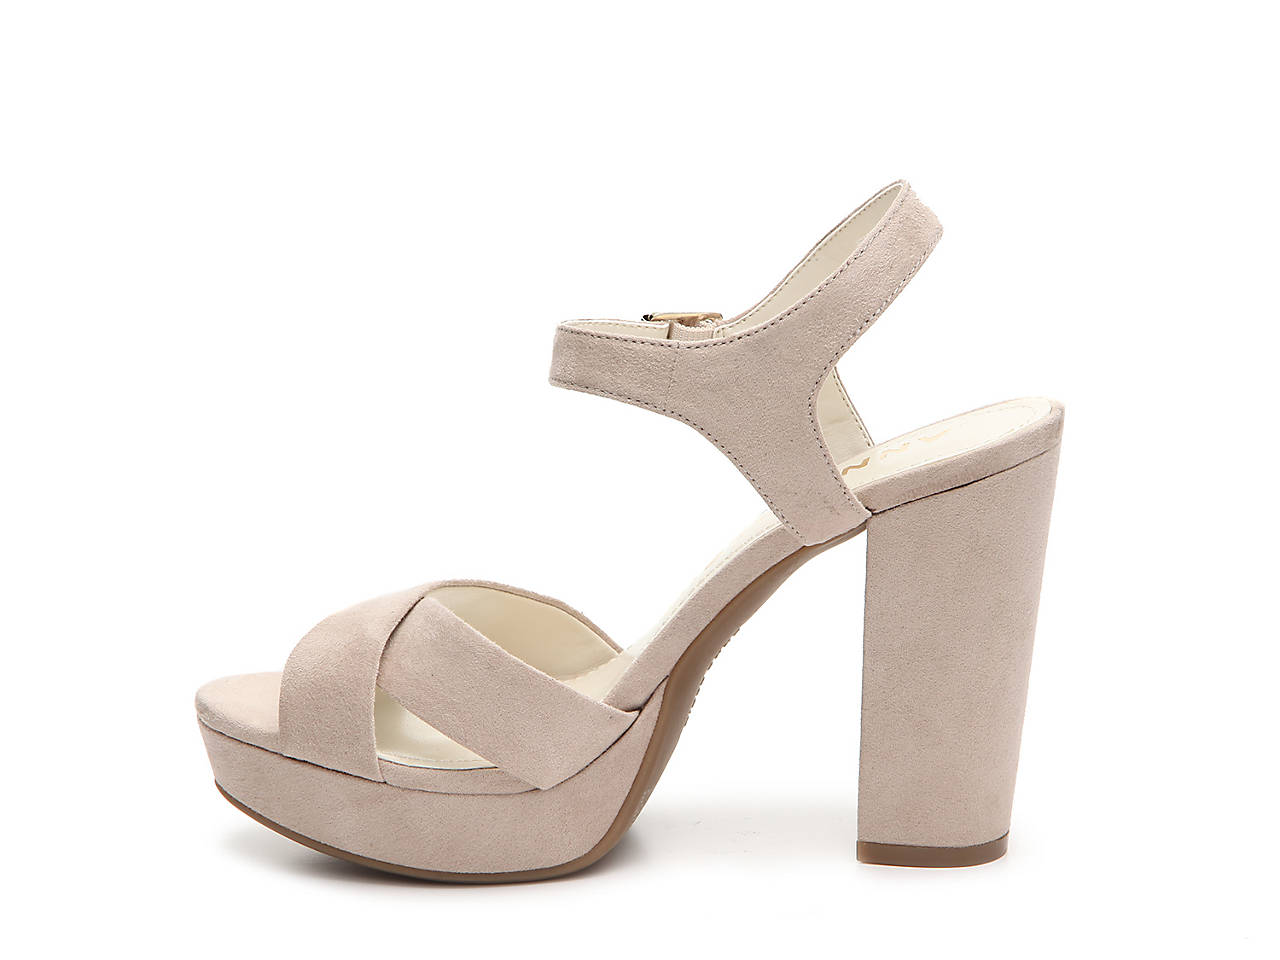 bcfea573c91b Anne Klein Lalima Platform Sandal Women s Shoes